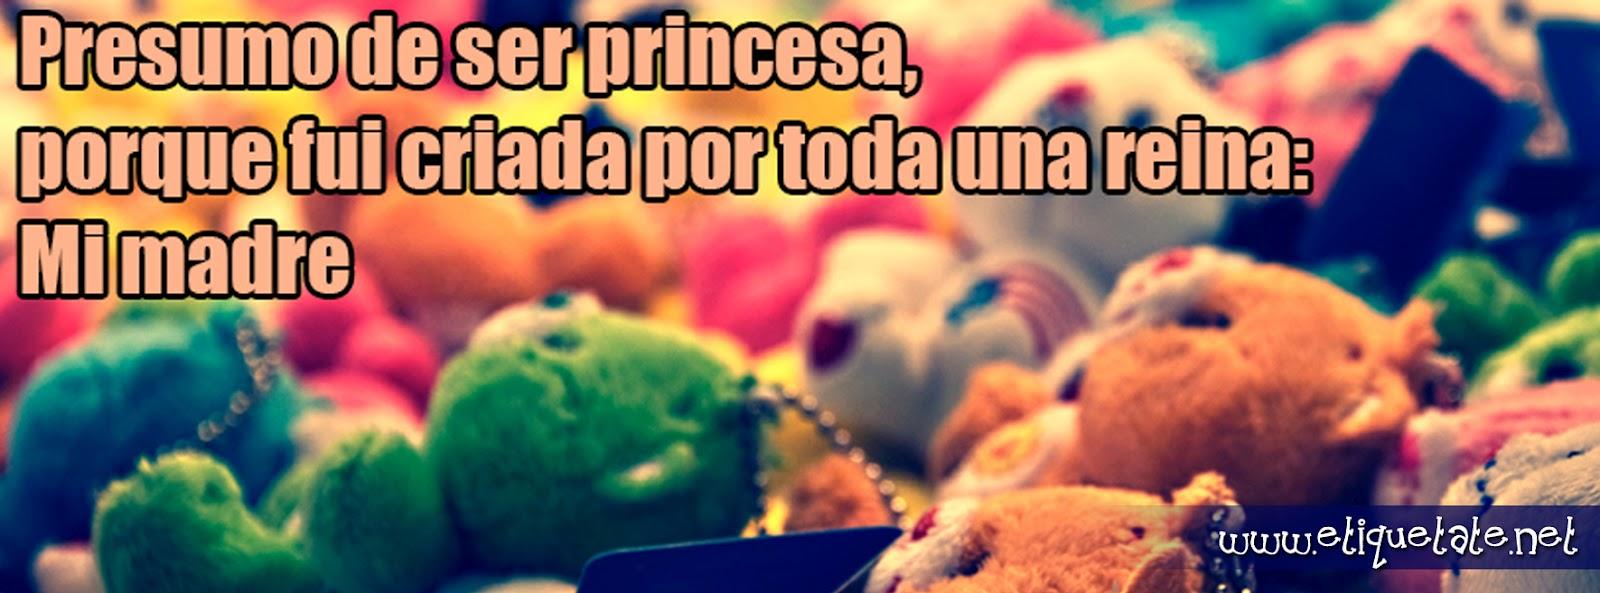 Fotos de portada para Facebook - Presumo ser Princesa